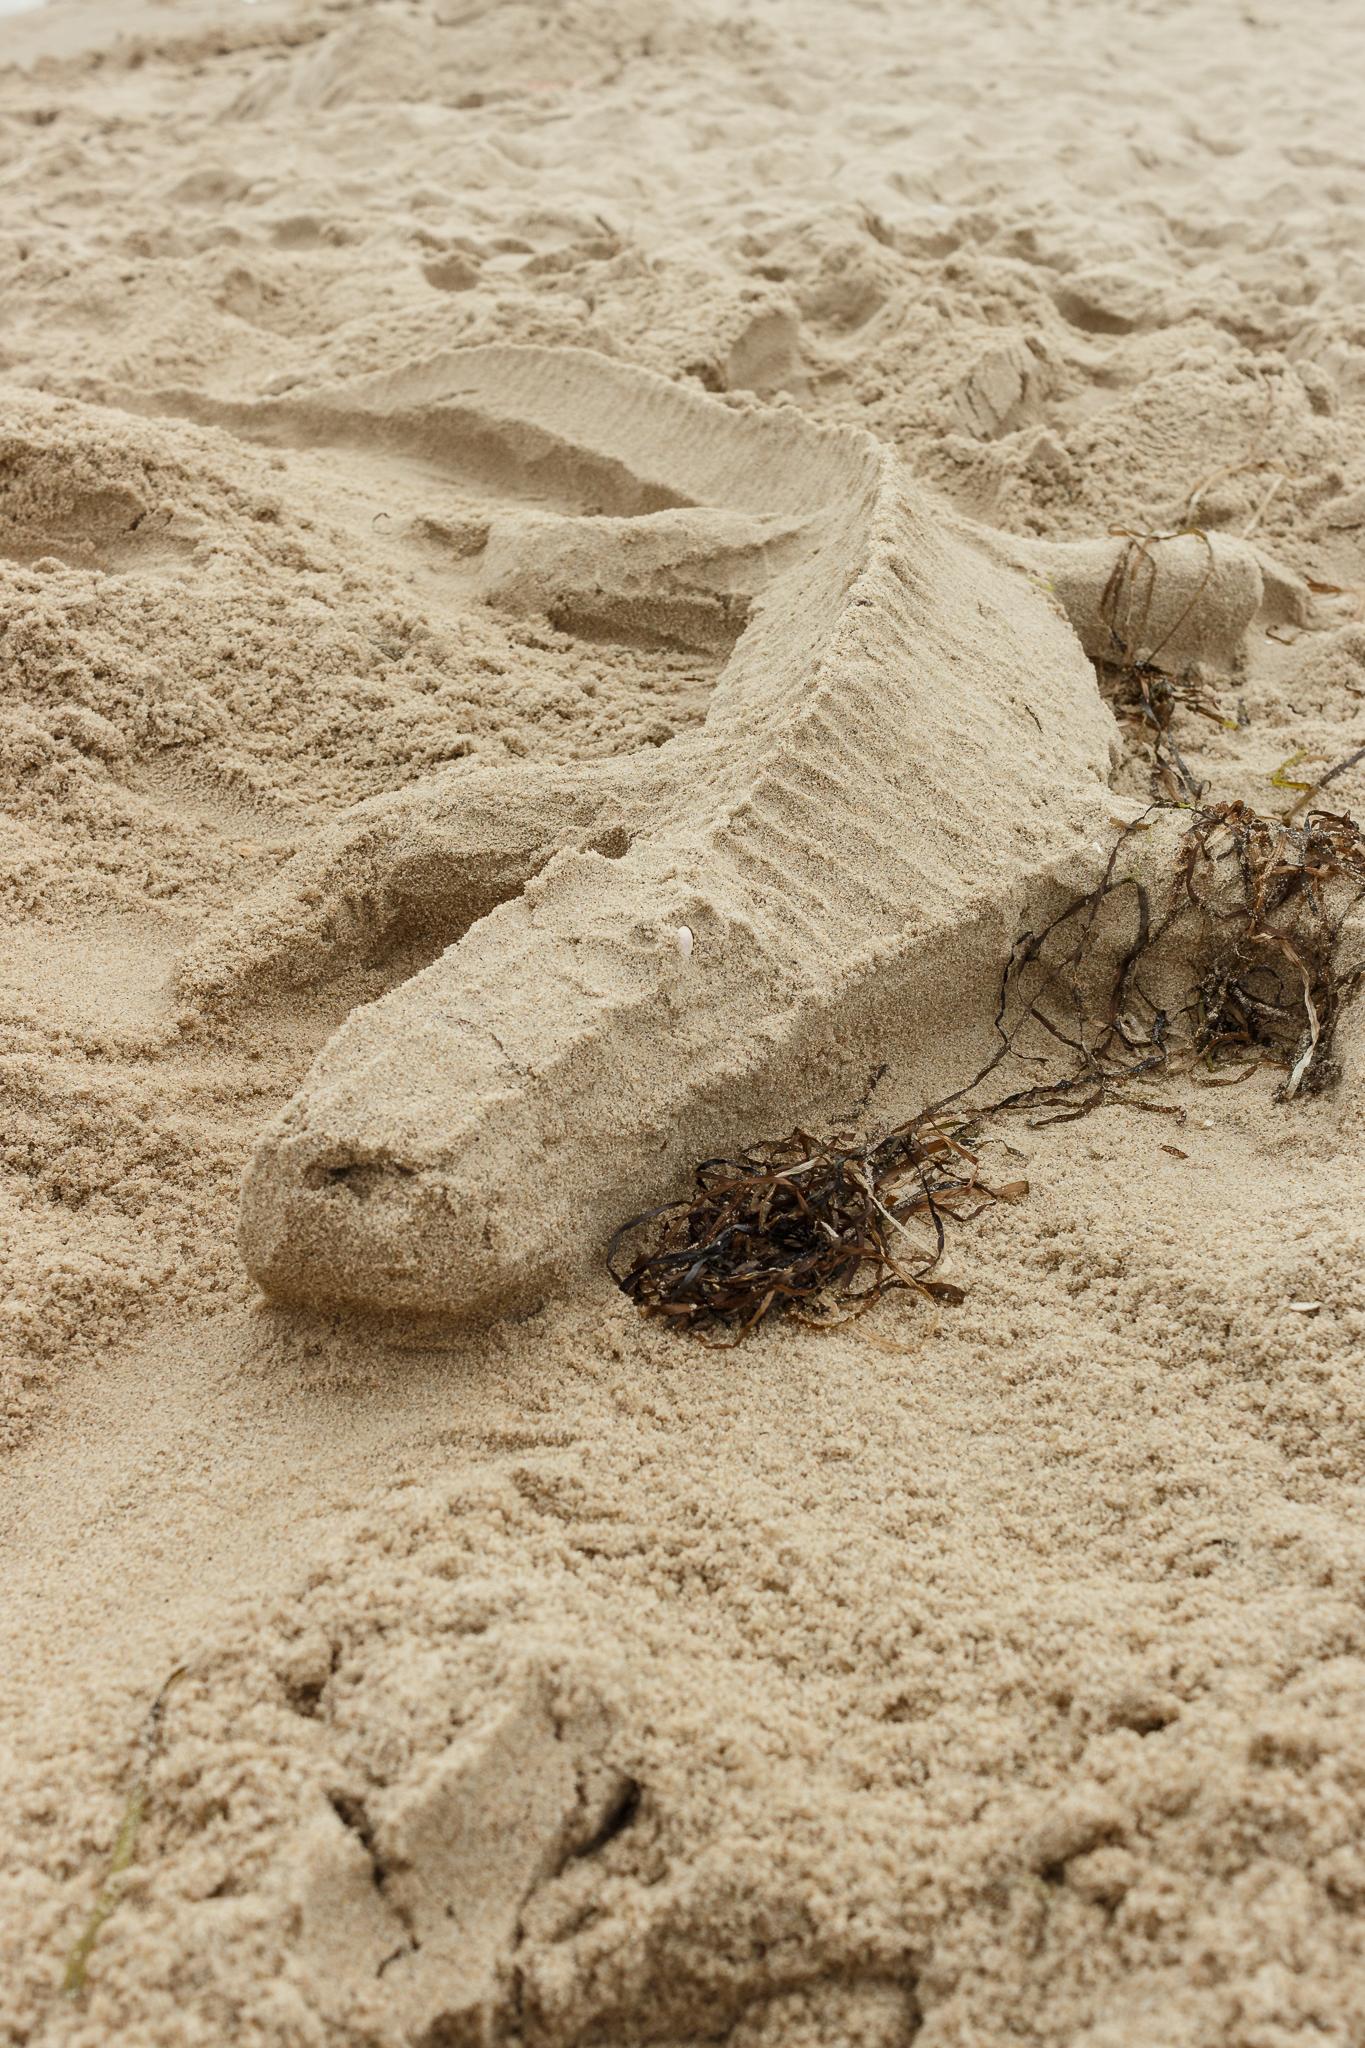 Zwei Schaufeln. Sand. Drei Männer. - Ein Krokodil.